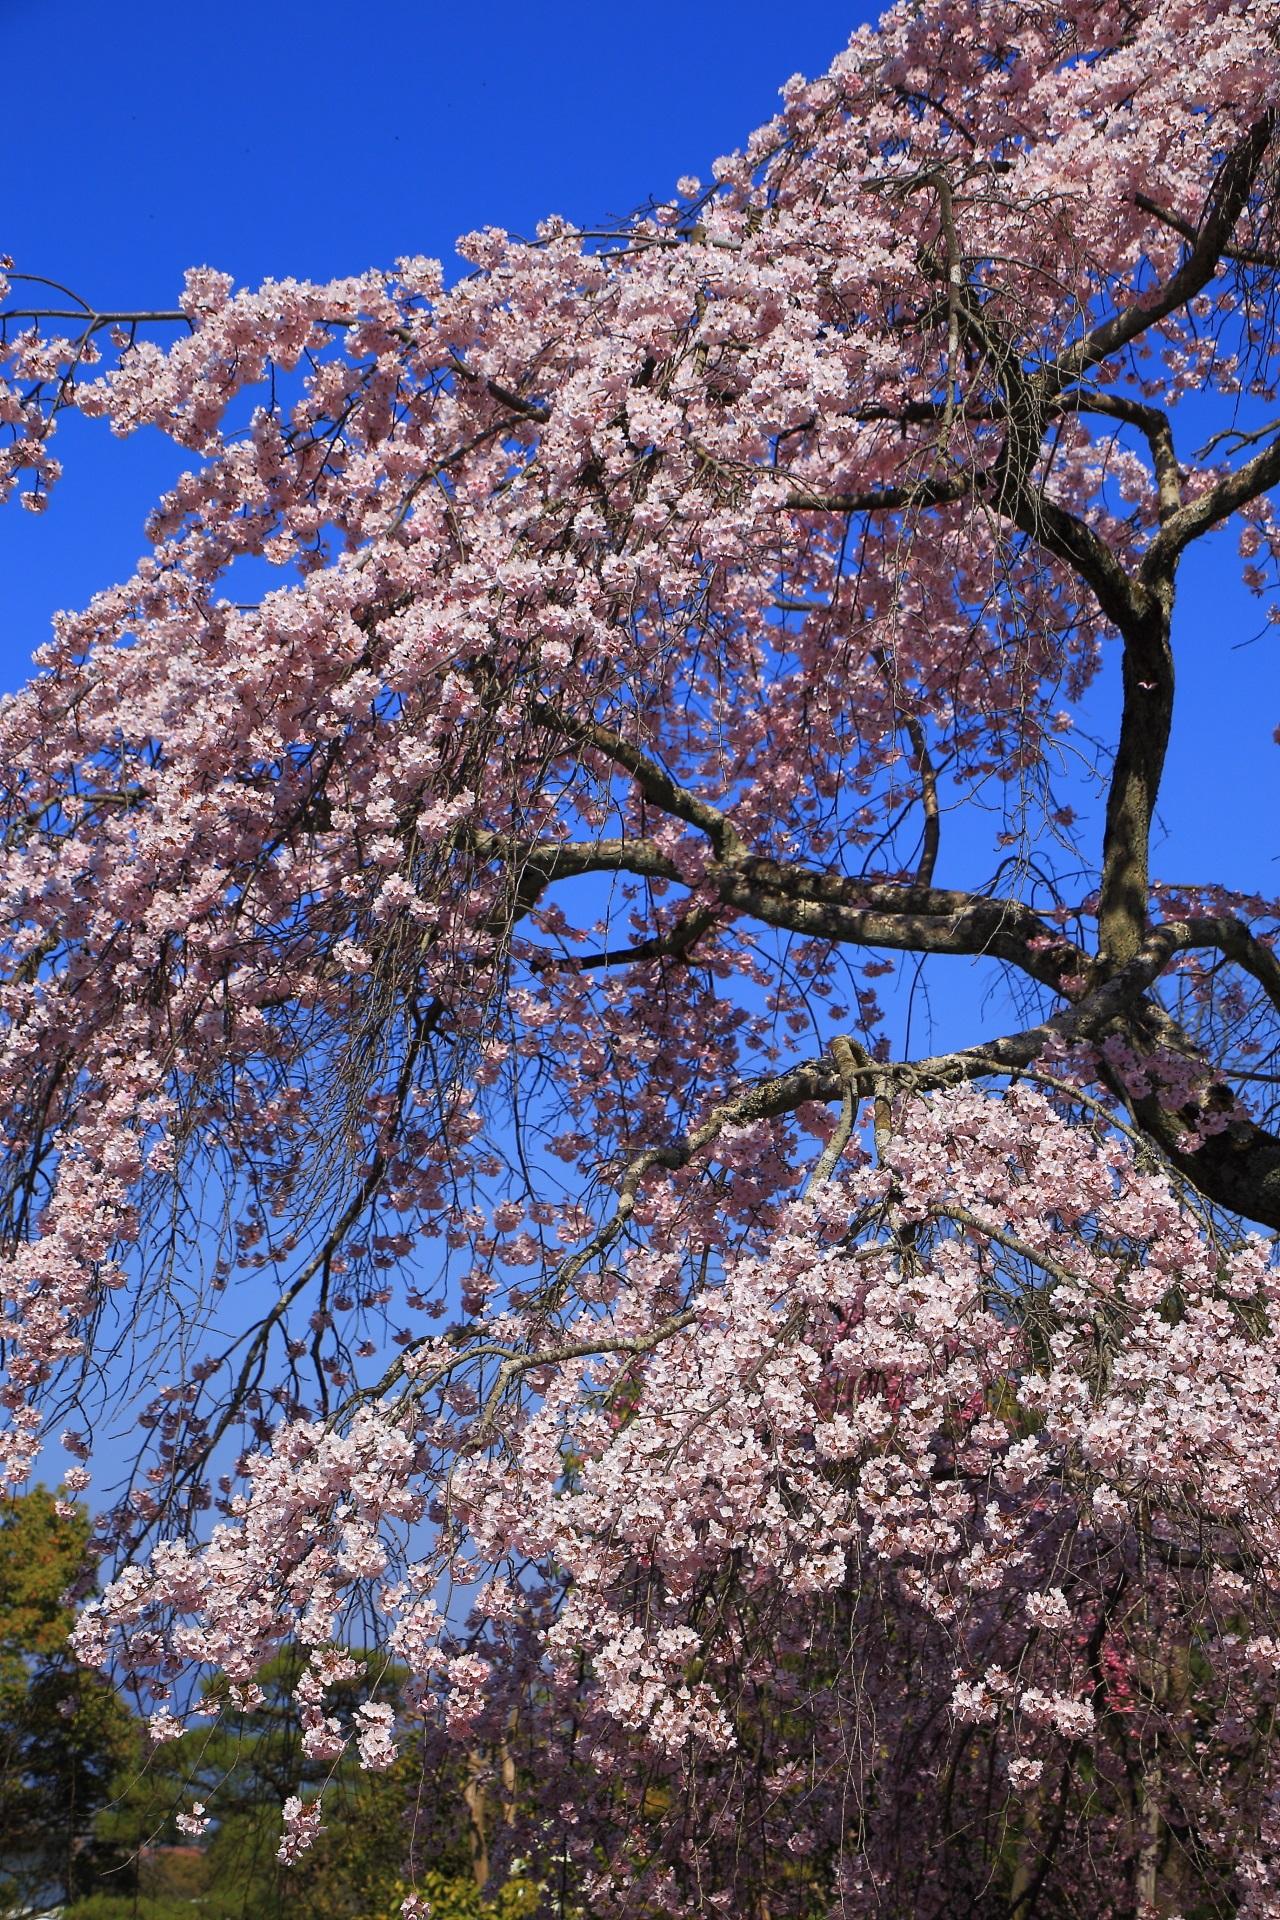 友禅苑の形も美しい絶品のしだれ桜